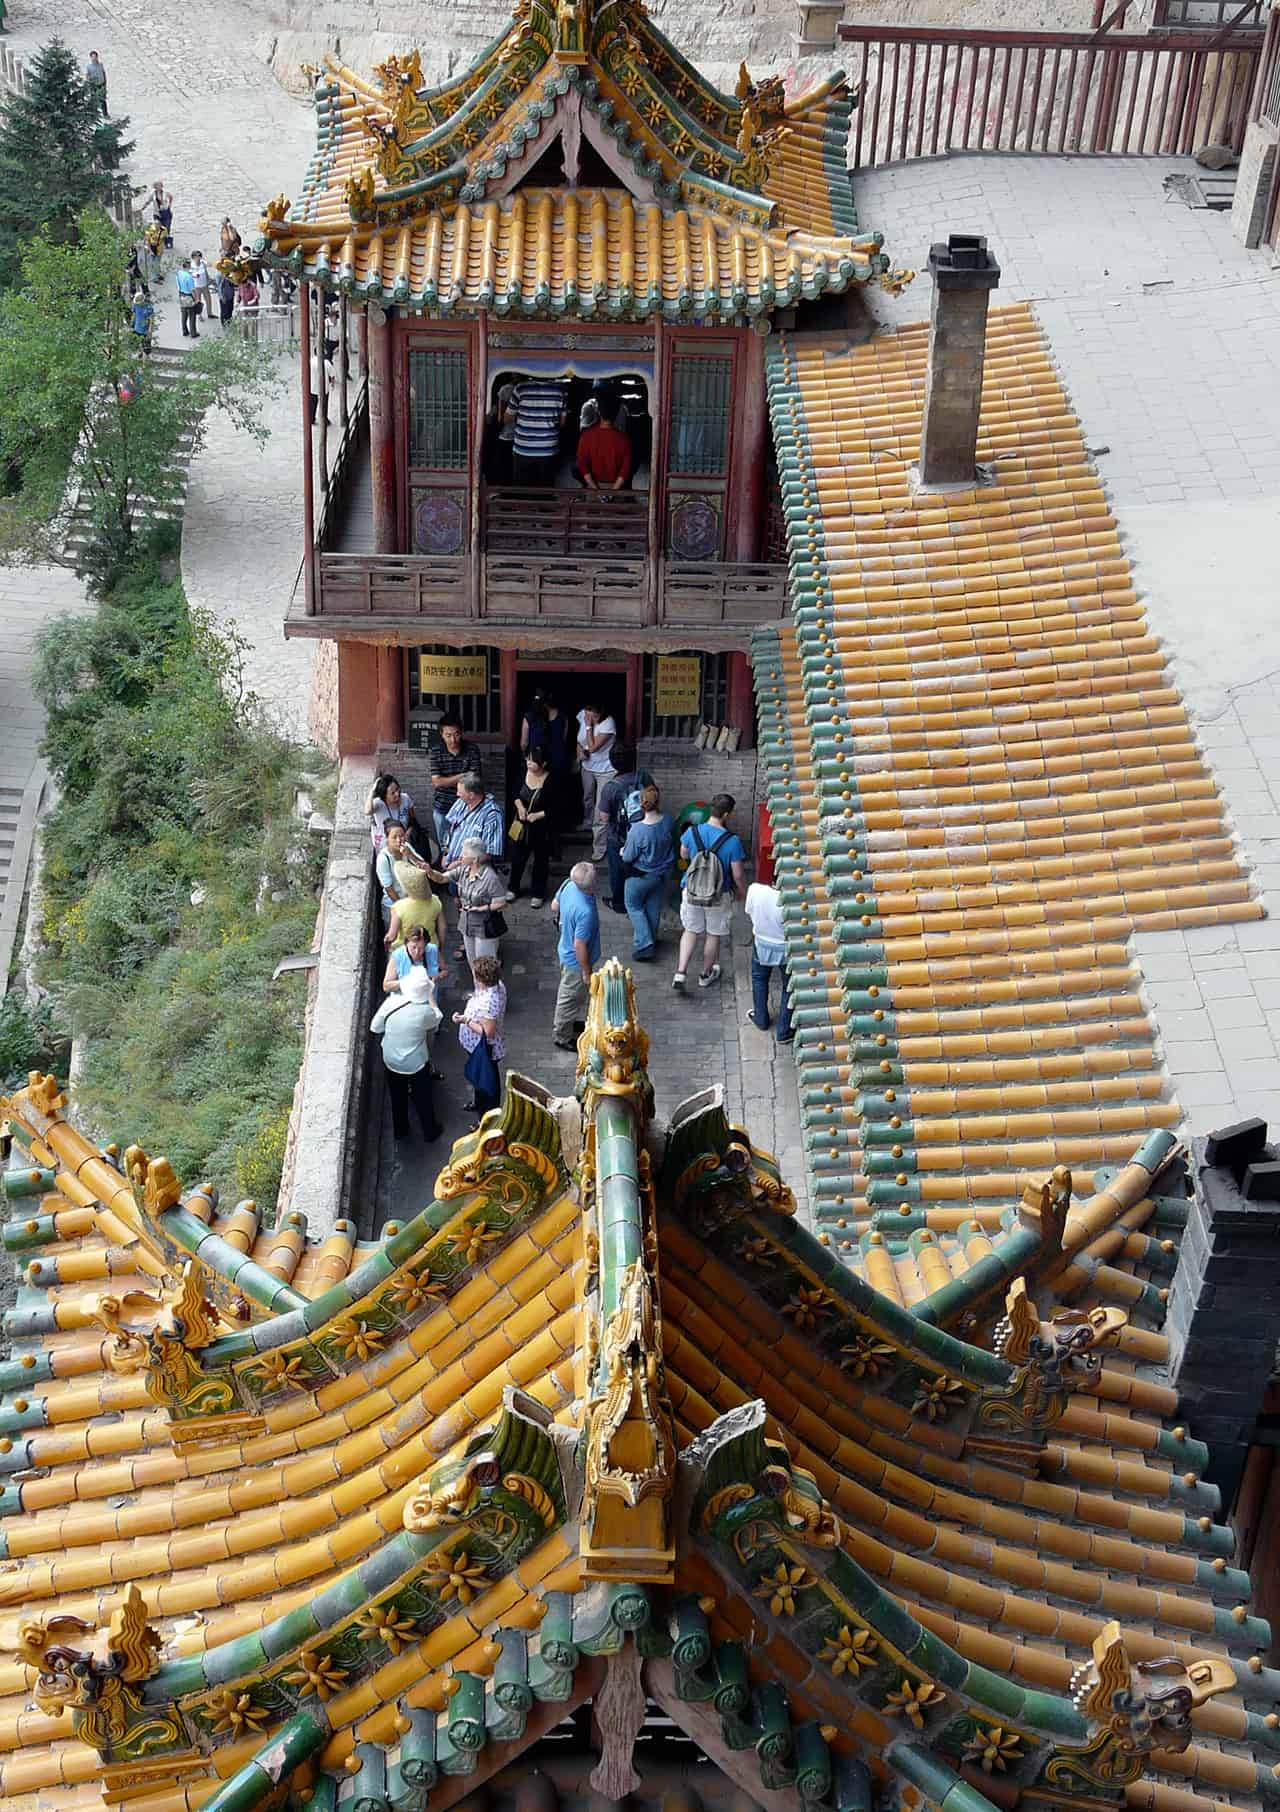 The Hanging Monastery (Hangende Klooster) bij Datong